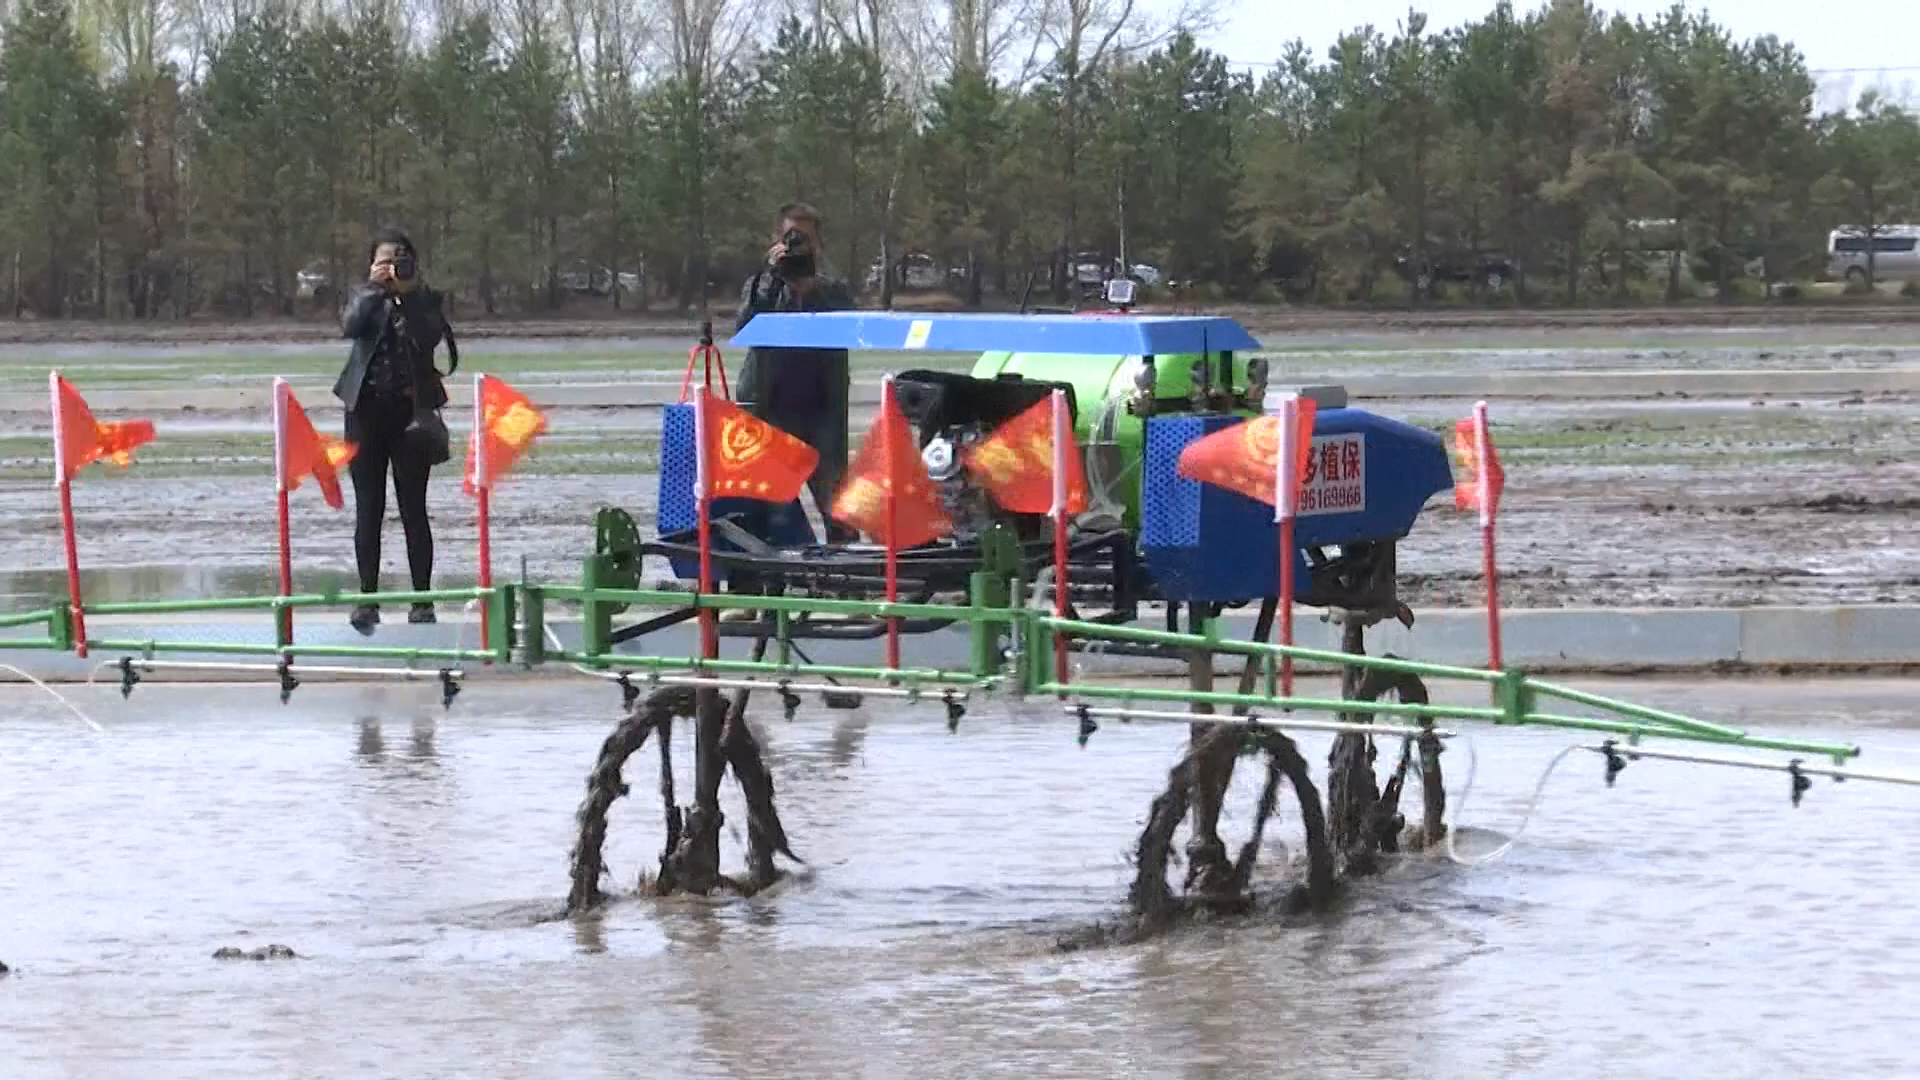 Máy tự hành thử nghiệm trên cánh đồng ở tỉnh Hắc Long Giang, Trung Quốc. (Nguồn: SCMP).